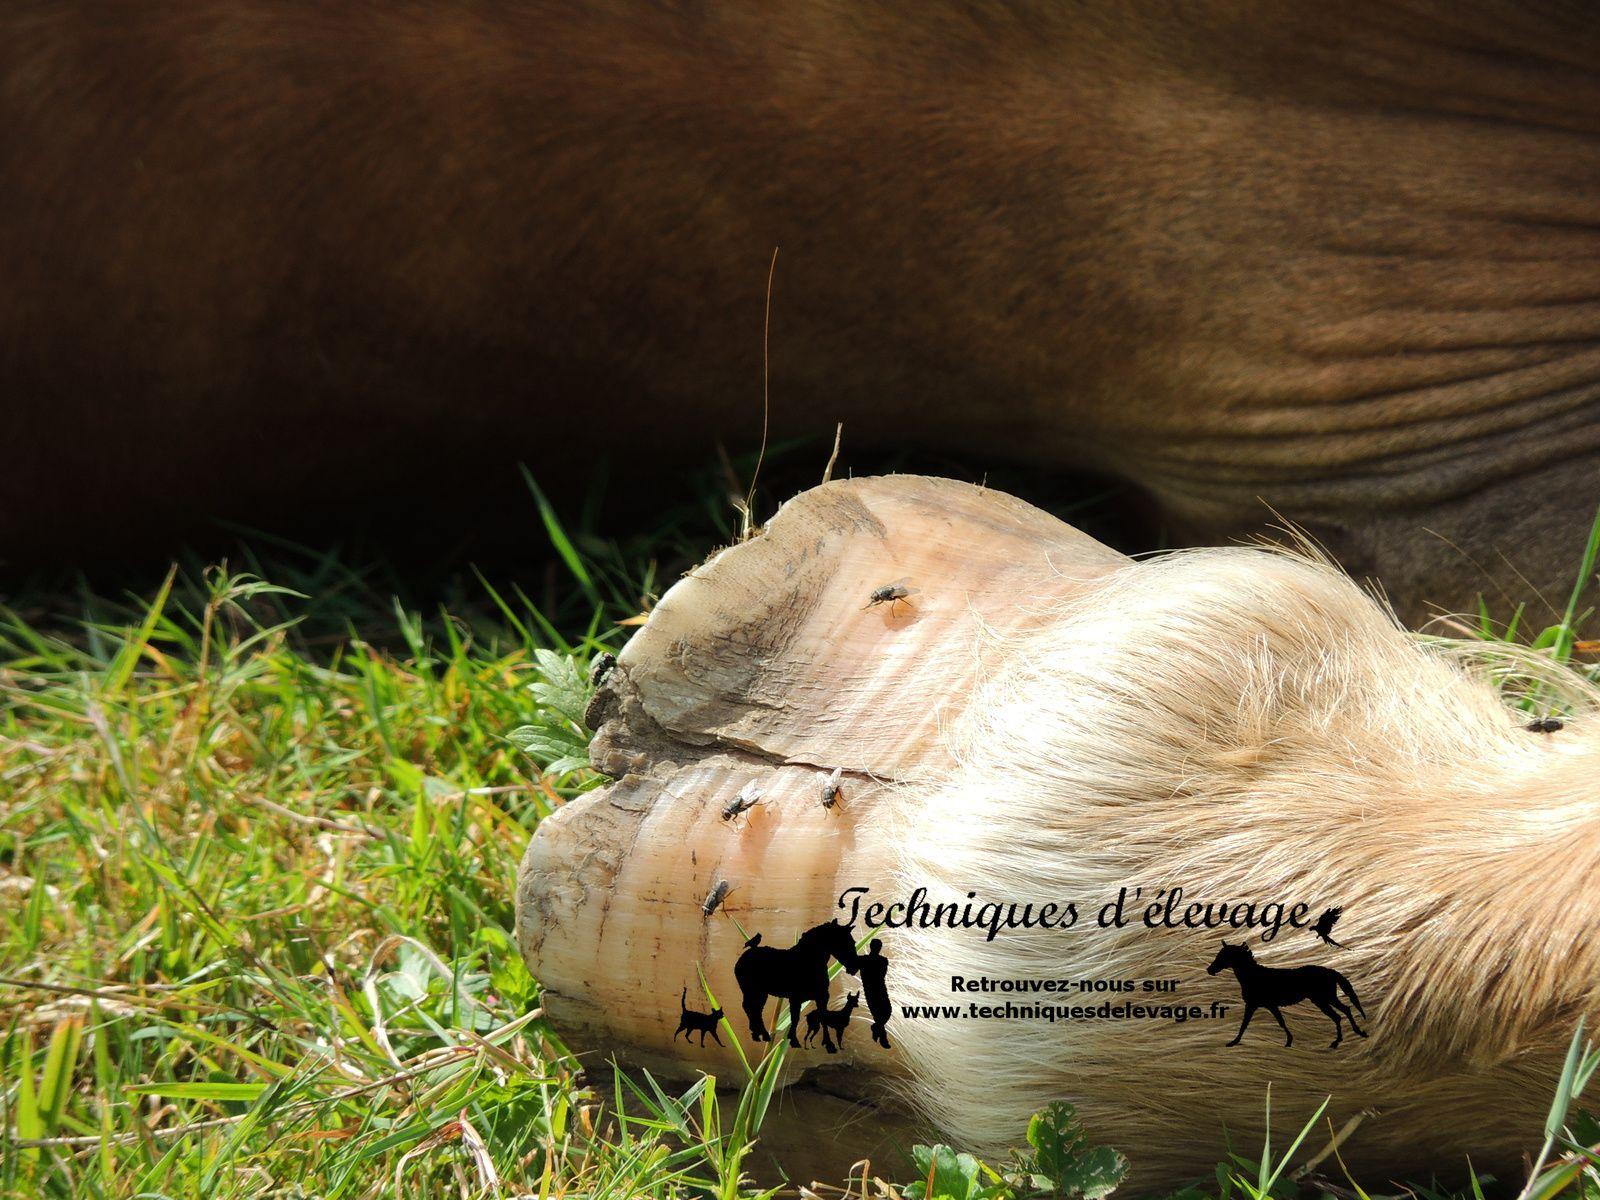 Pied abîmé sur une poulinière de trait. Techniques d'élevage. Tous droits réservés